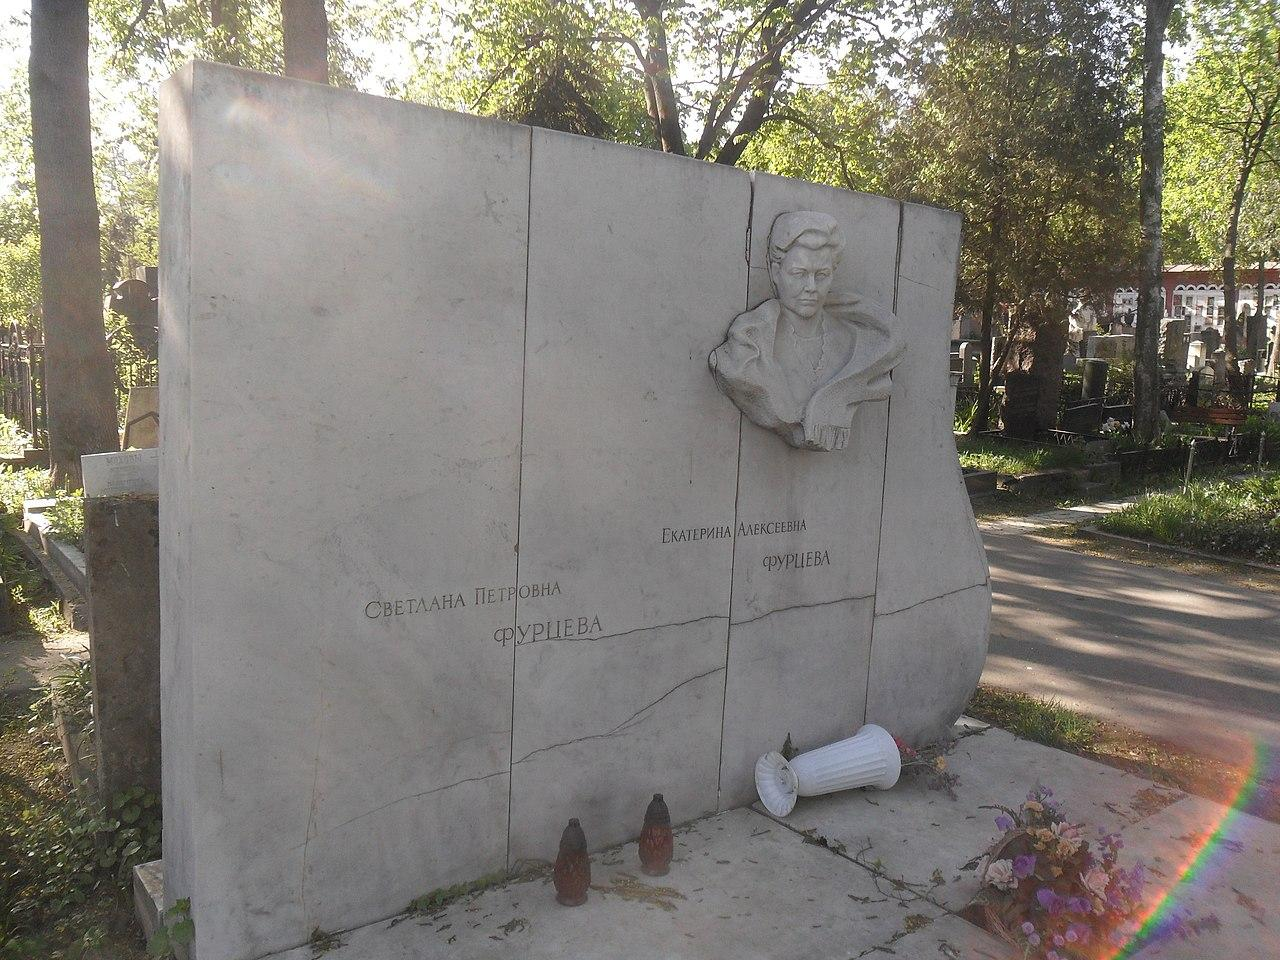 Могила Фурцевой на Новодевичьем кладбище Москвы. Фото © wikipedia